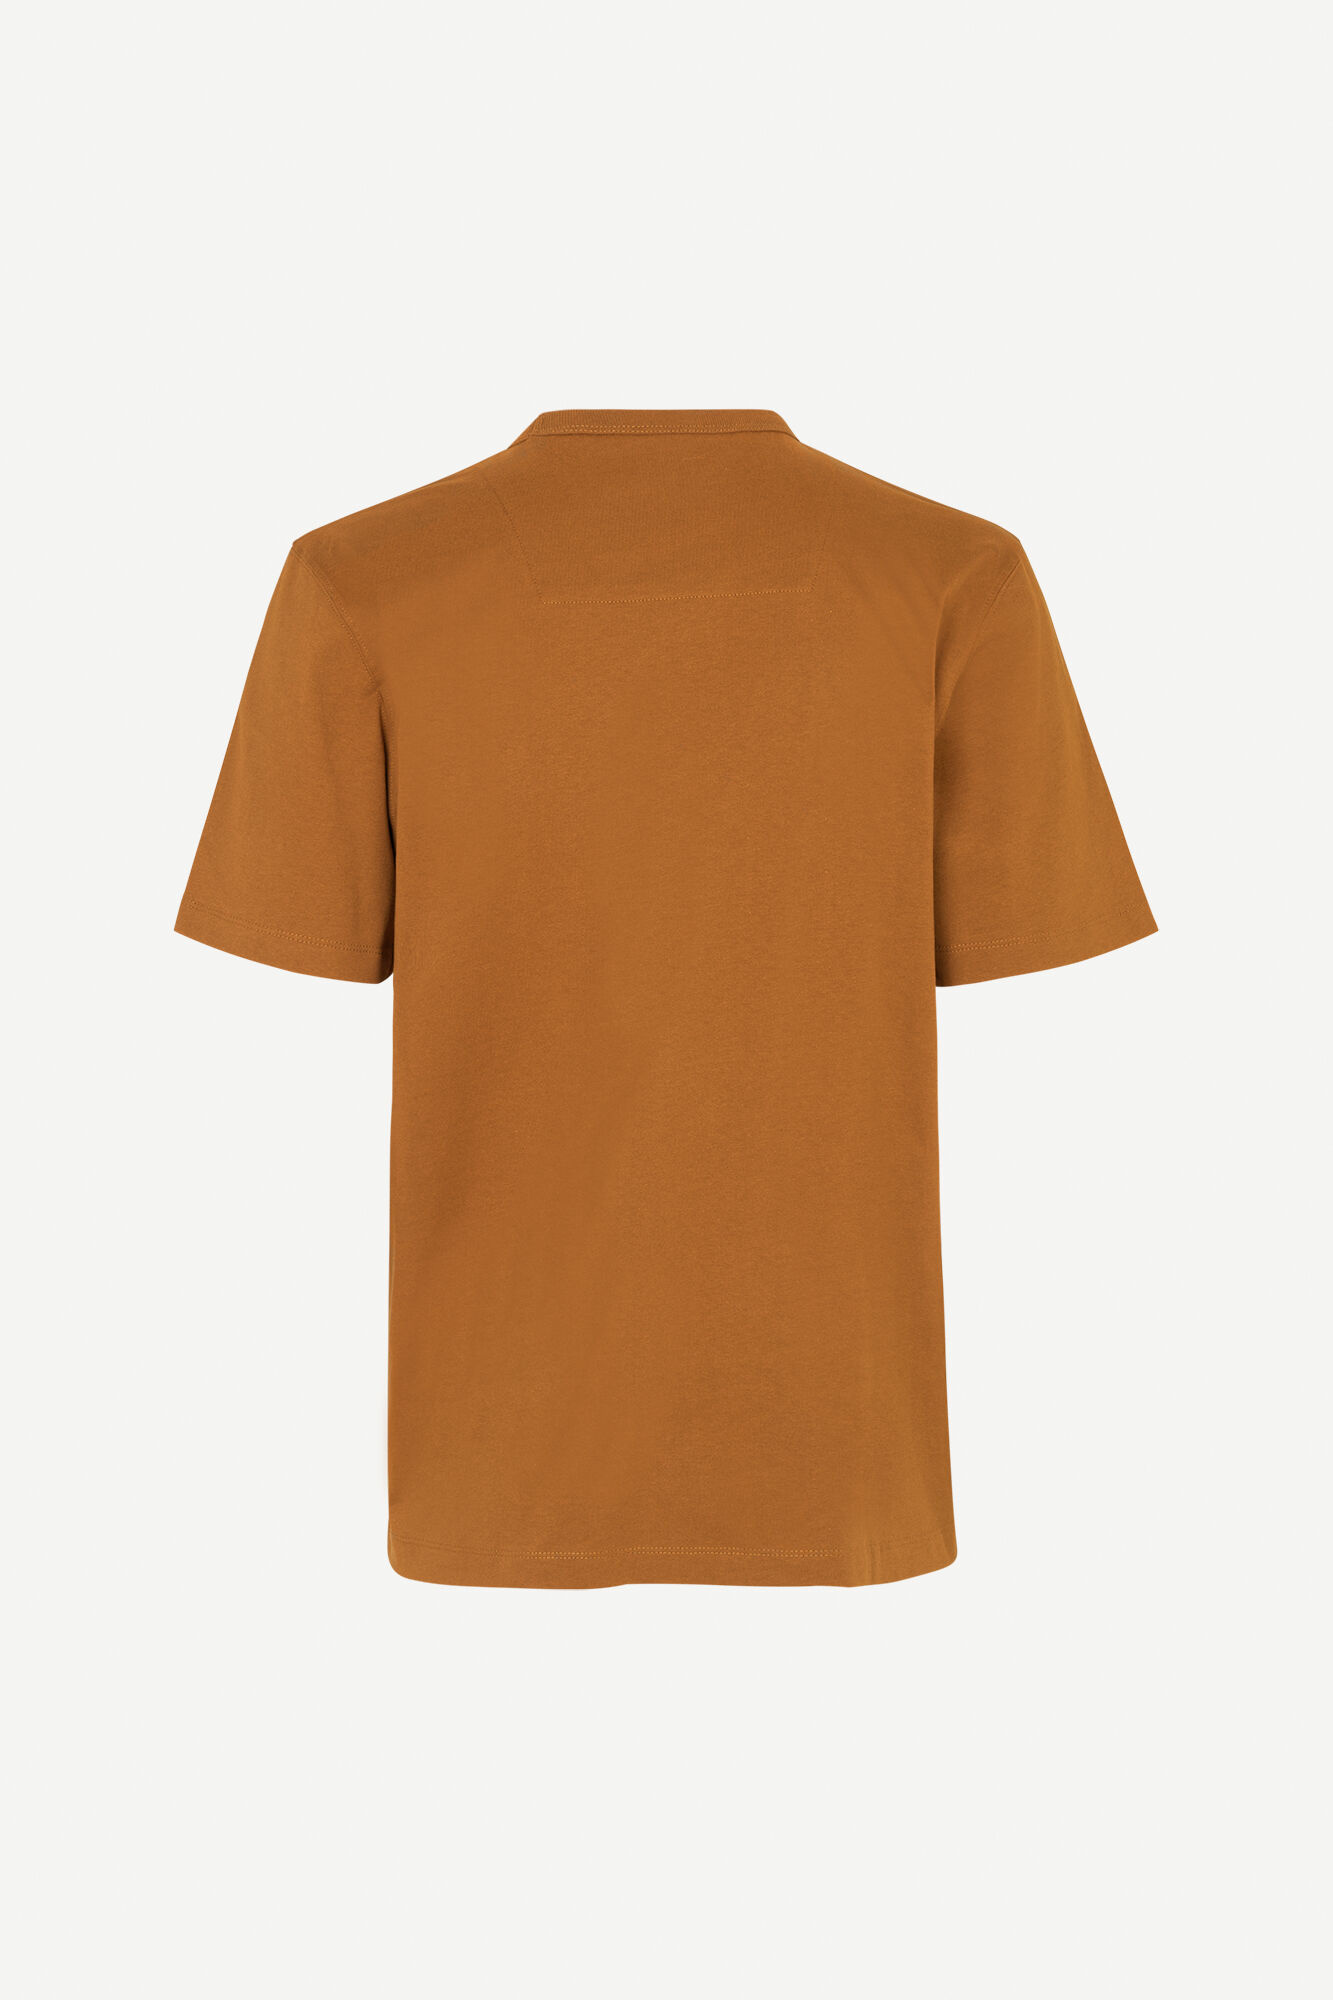 Hugo T-Shirt Monks Robe Brown 11415-2